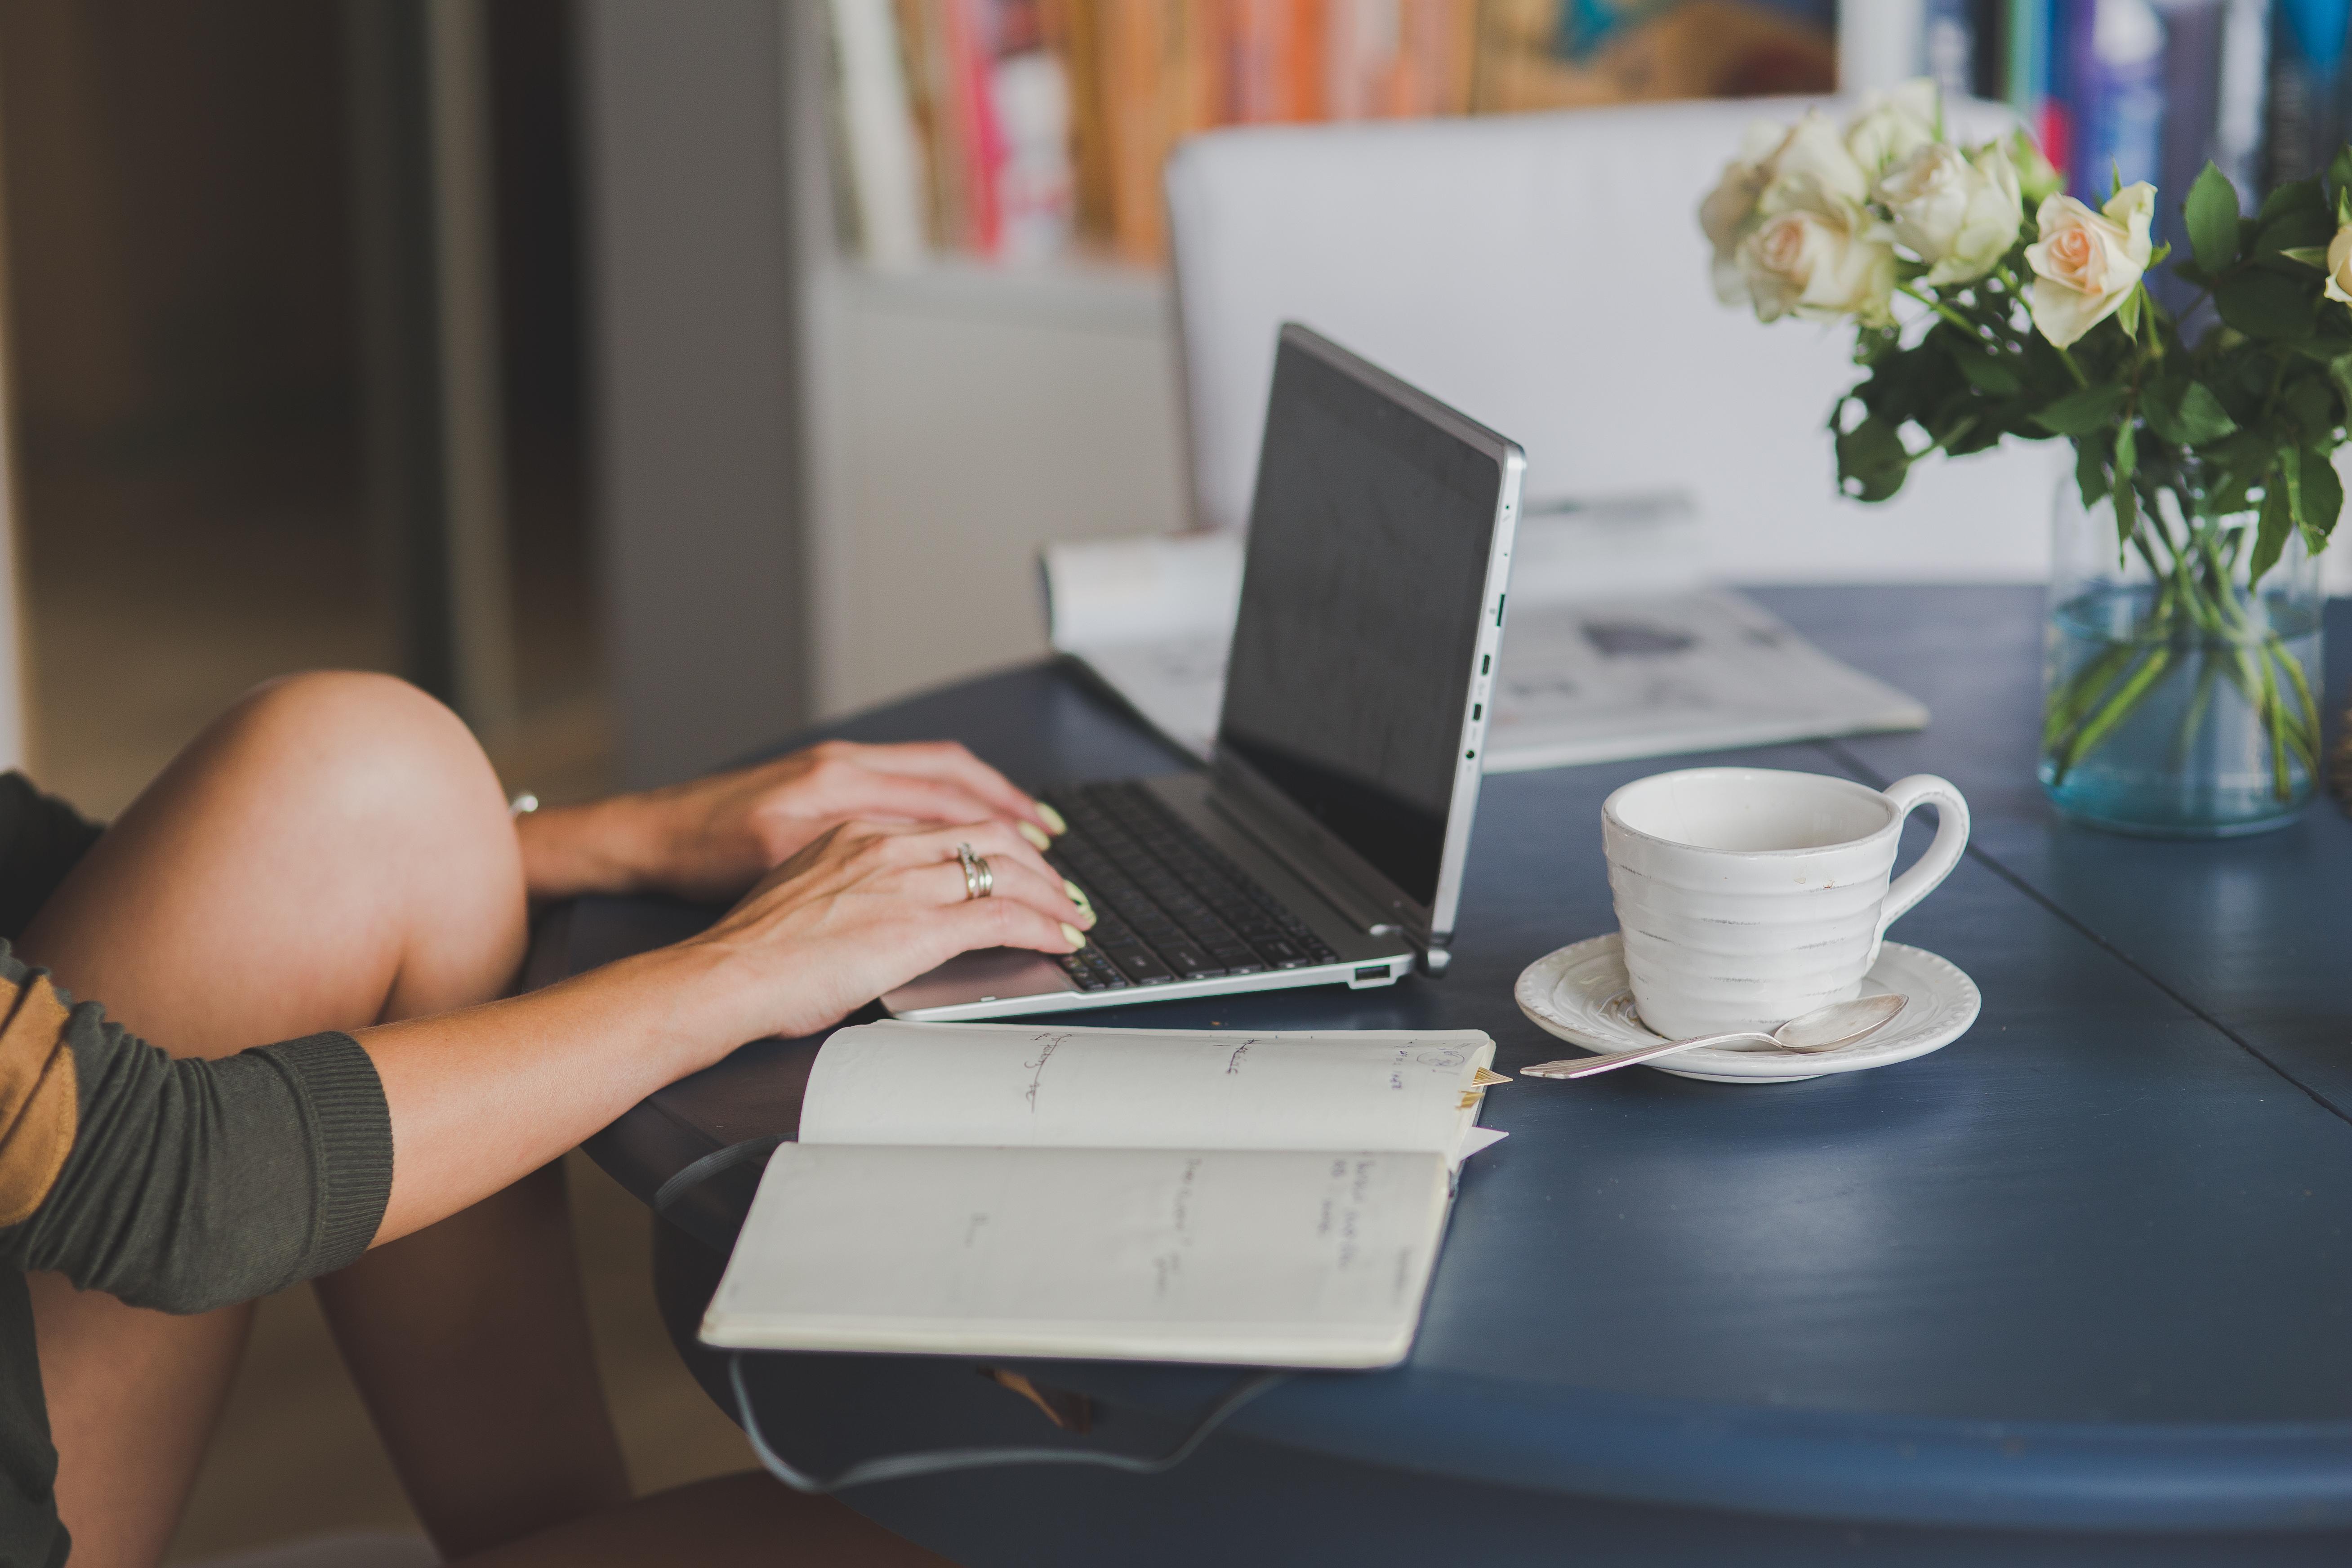 ¿Cómo adaptar tu negocio a la nueva normalidad sin morir en el intento?